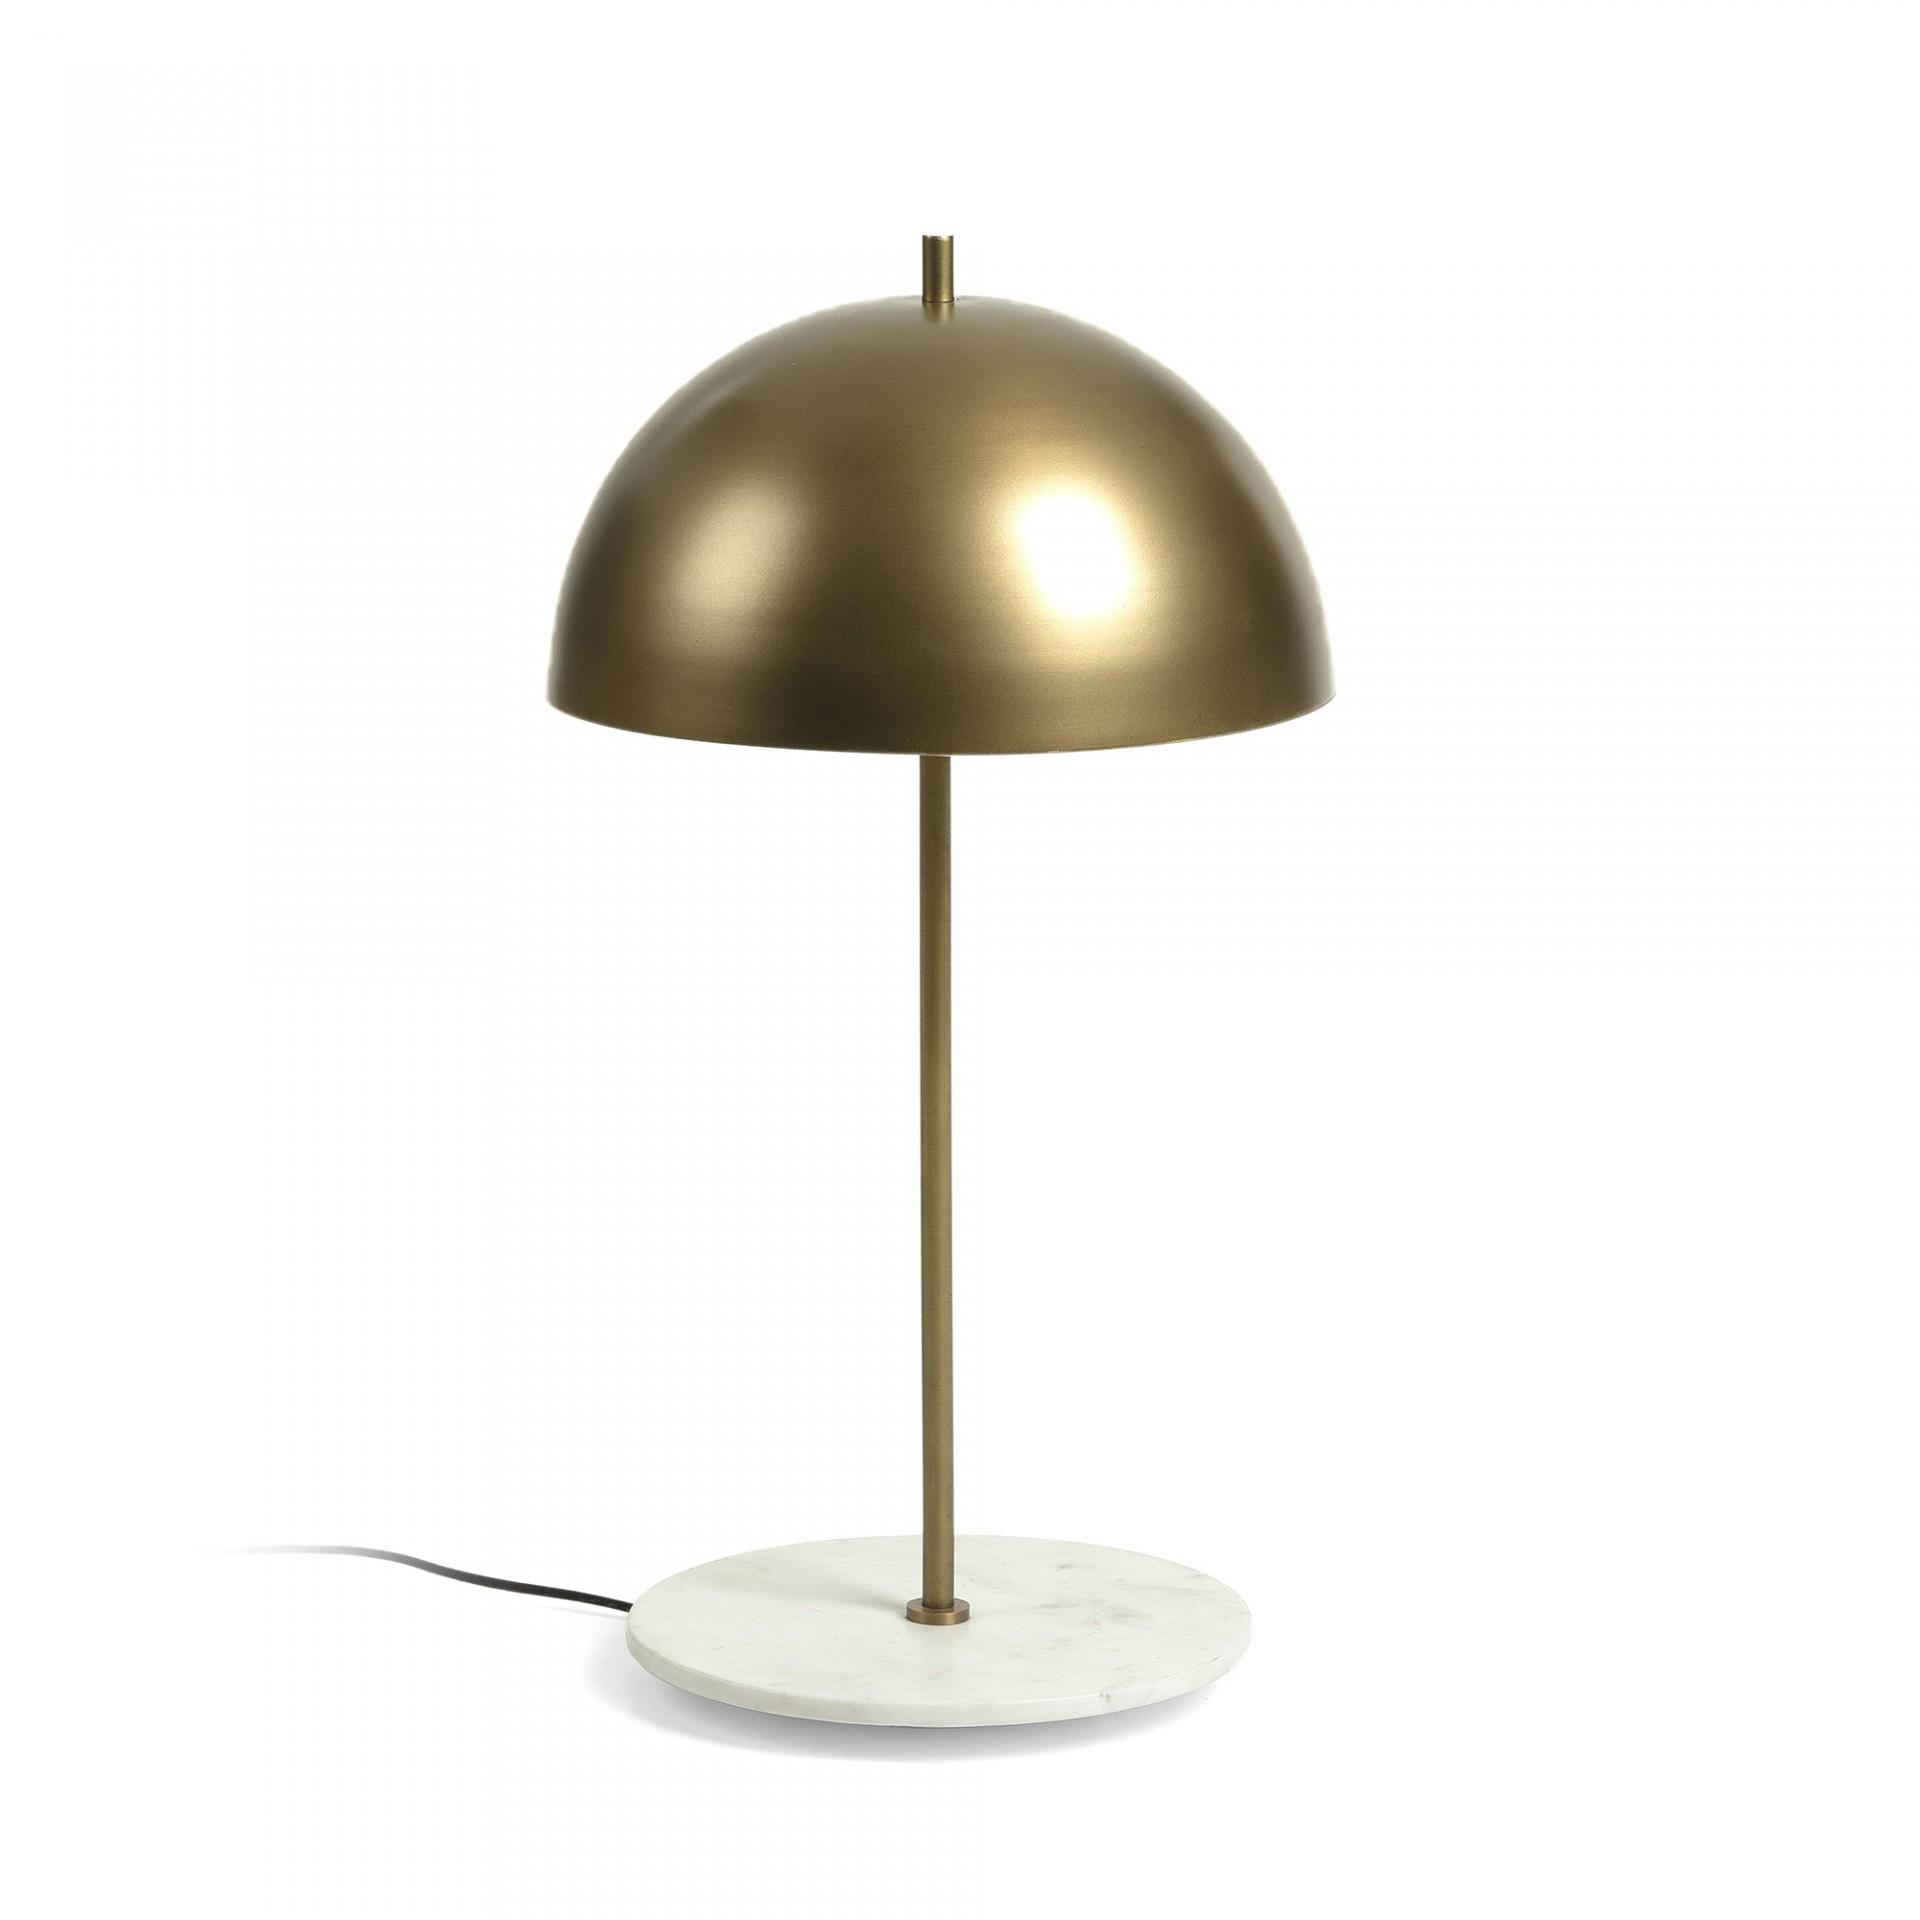 Candeeiro de mesa, metal/mármore, Ø31x60 cm